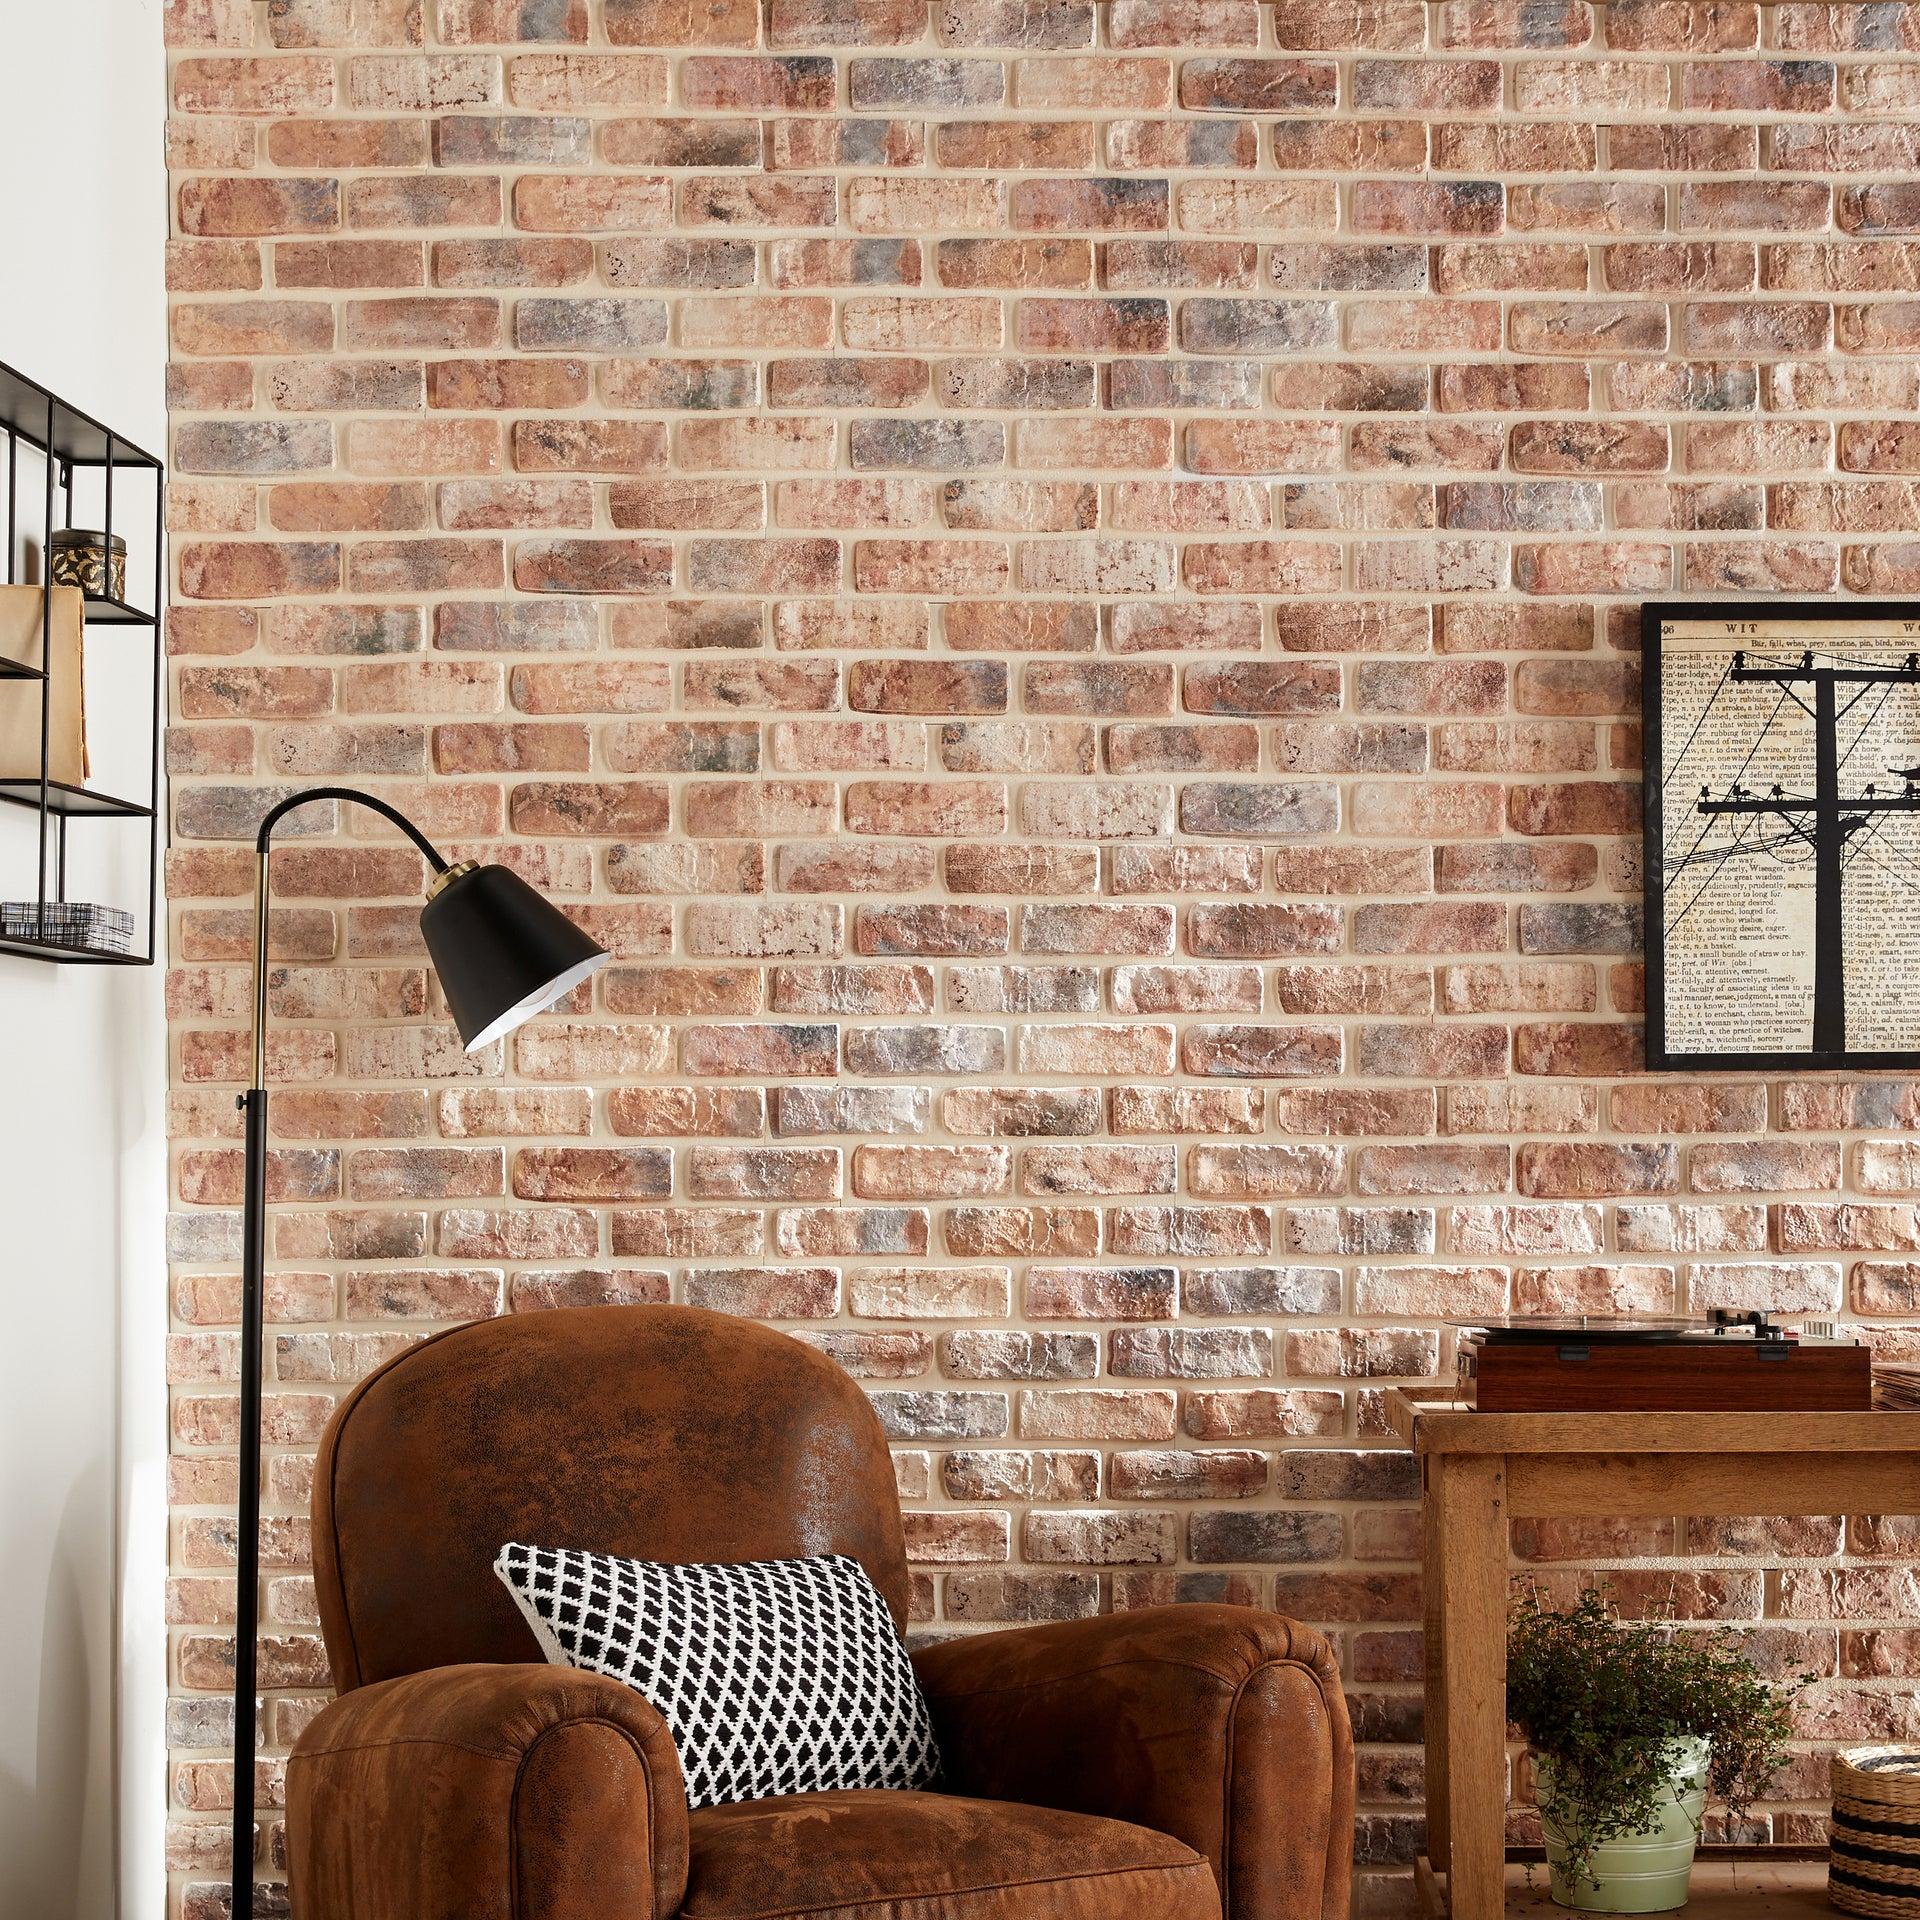 Plaquette de parement plâtre effet brique rouge Loft intérieur